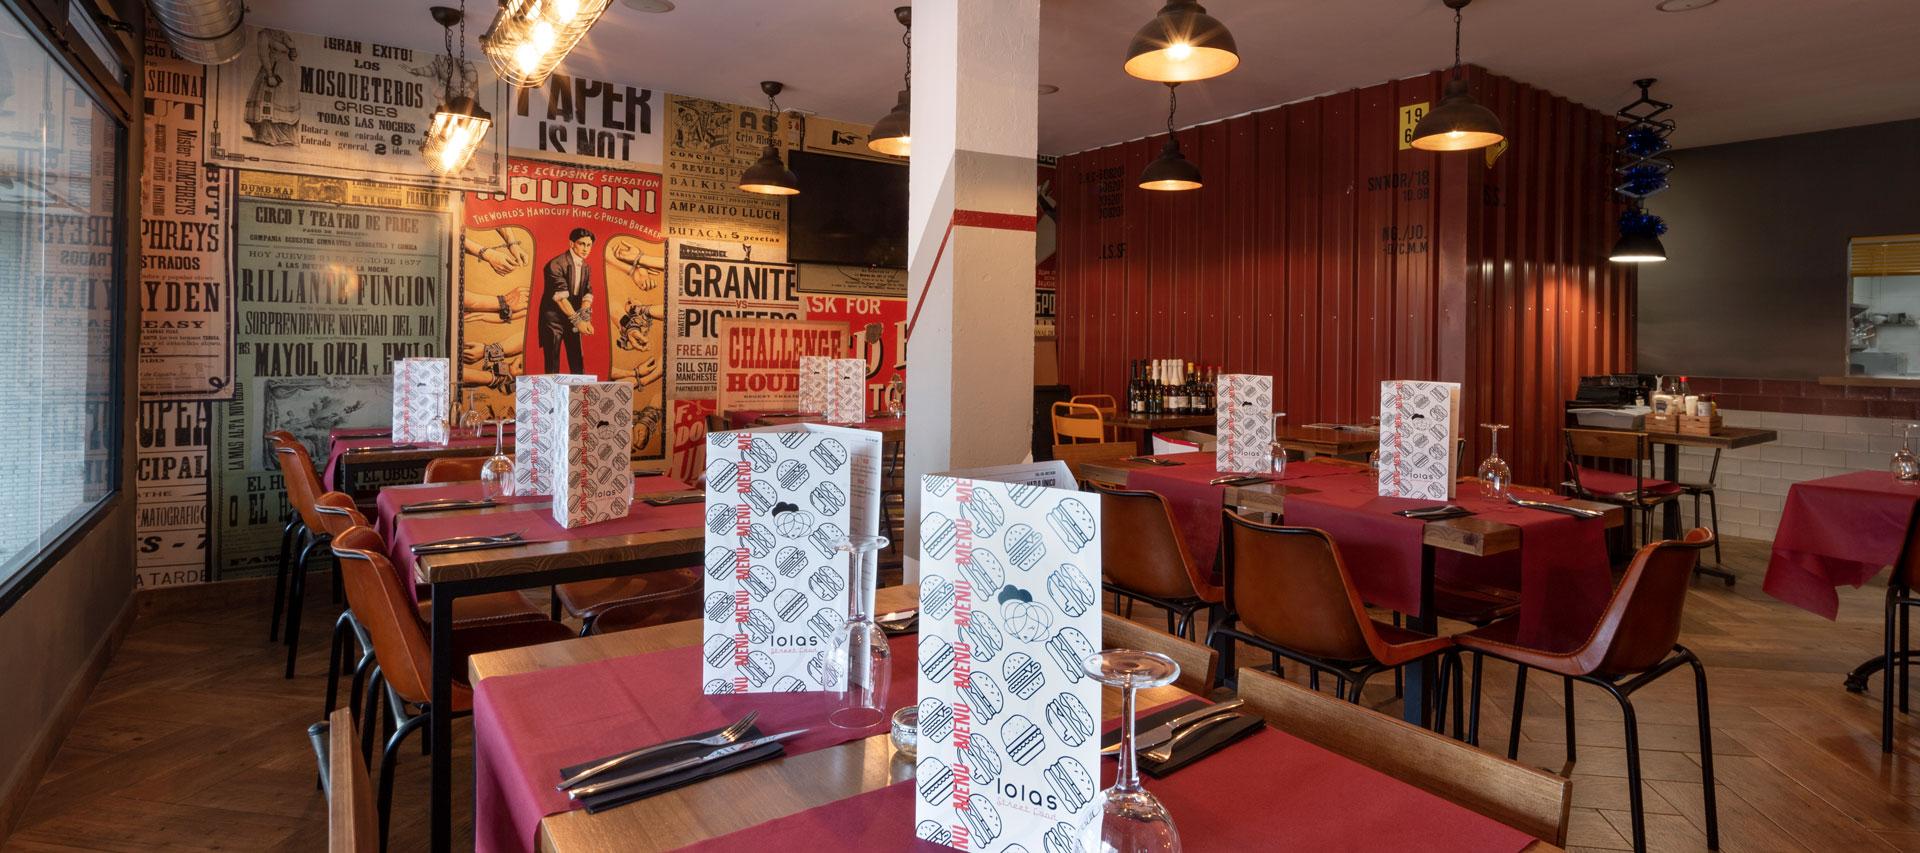 grupo-quebec-restaurante-2